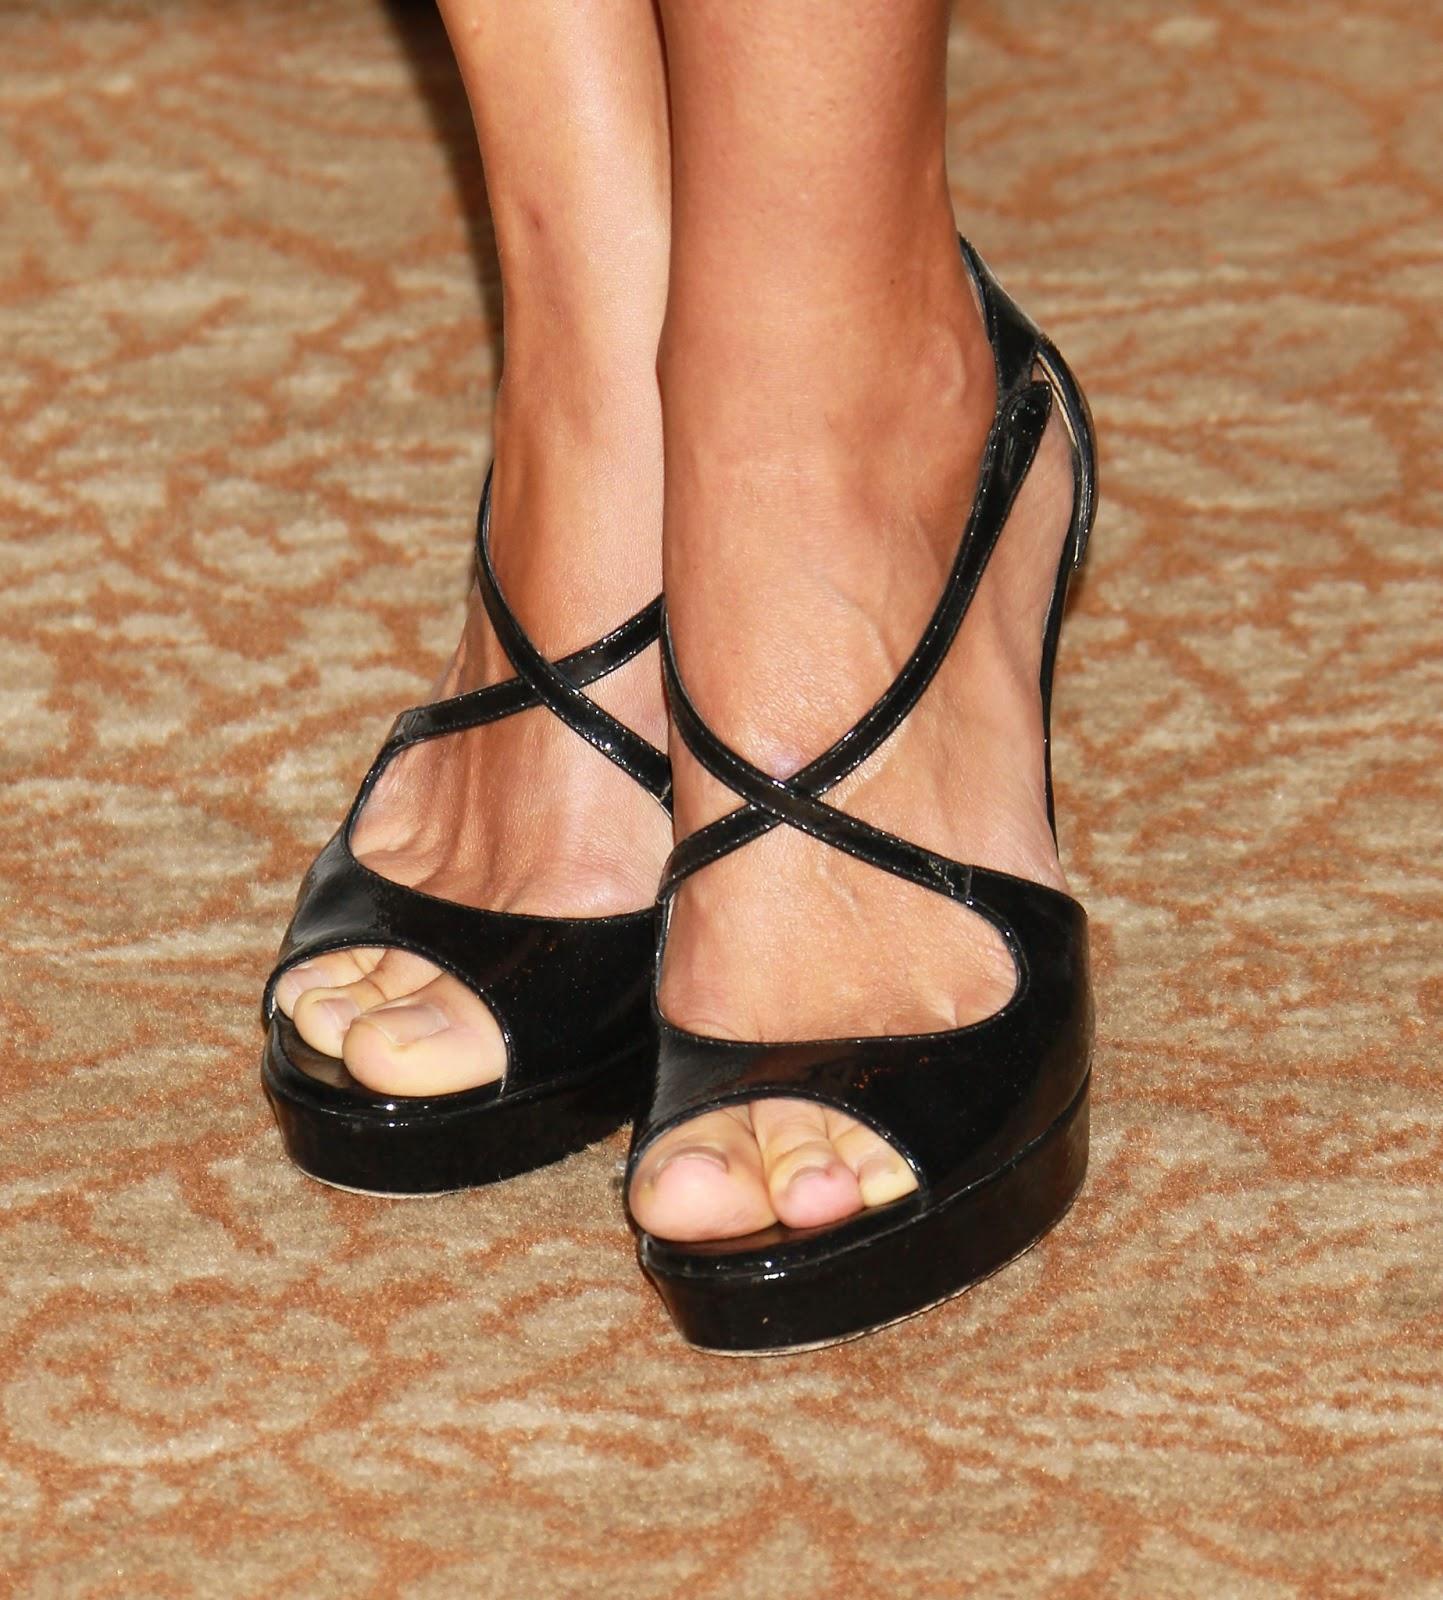 http://4.bp.blogspot.com/-Ccfrp39KbX8/UUw3nB4P3vI/AAAAAAAAA9g/j7hijhEIm3k/s1600/Kim+Raver+Feet-01.jpg